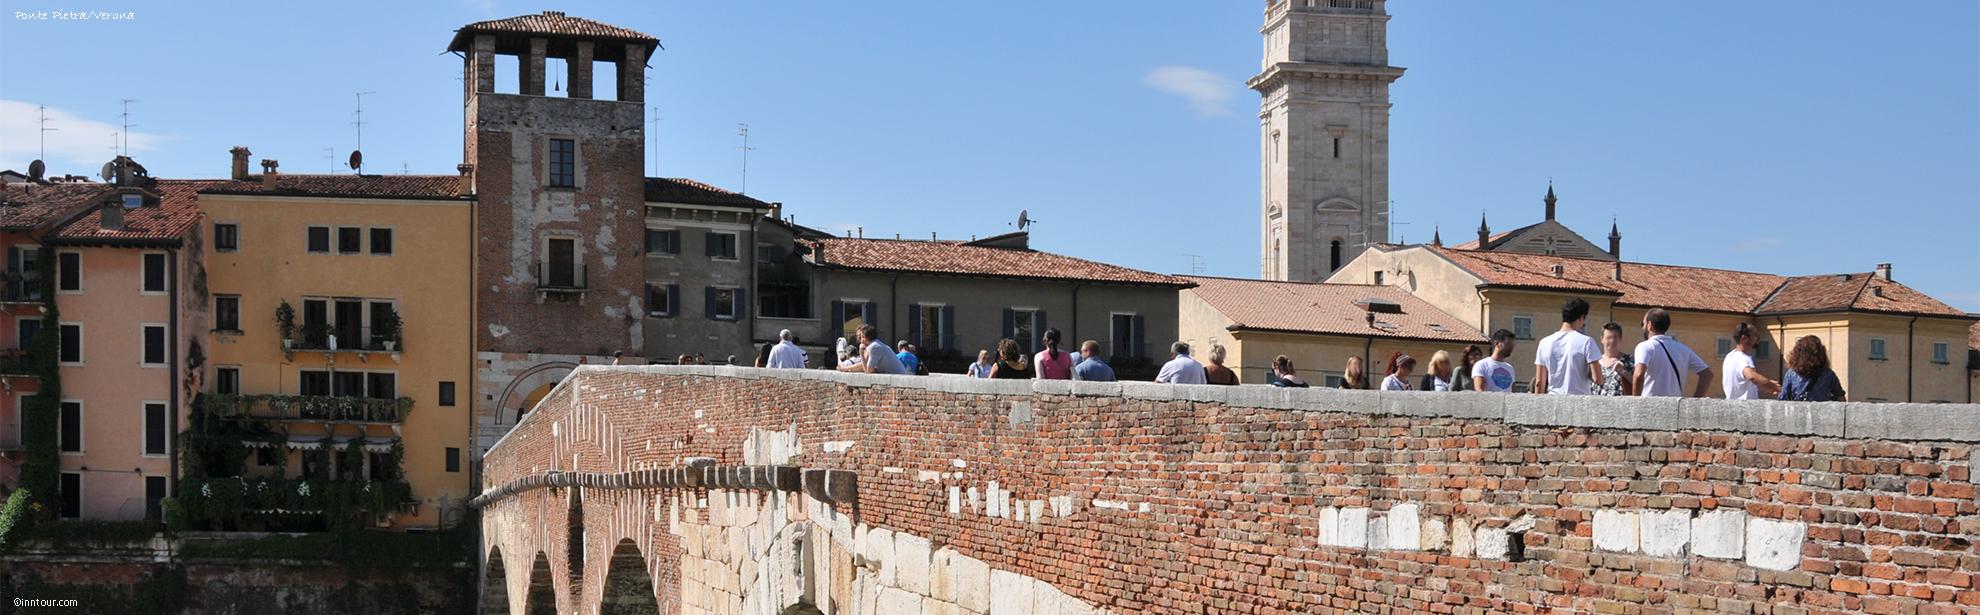 Oklassinntour_Ponte-Pietra_Verona_DSC_1009